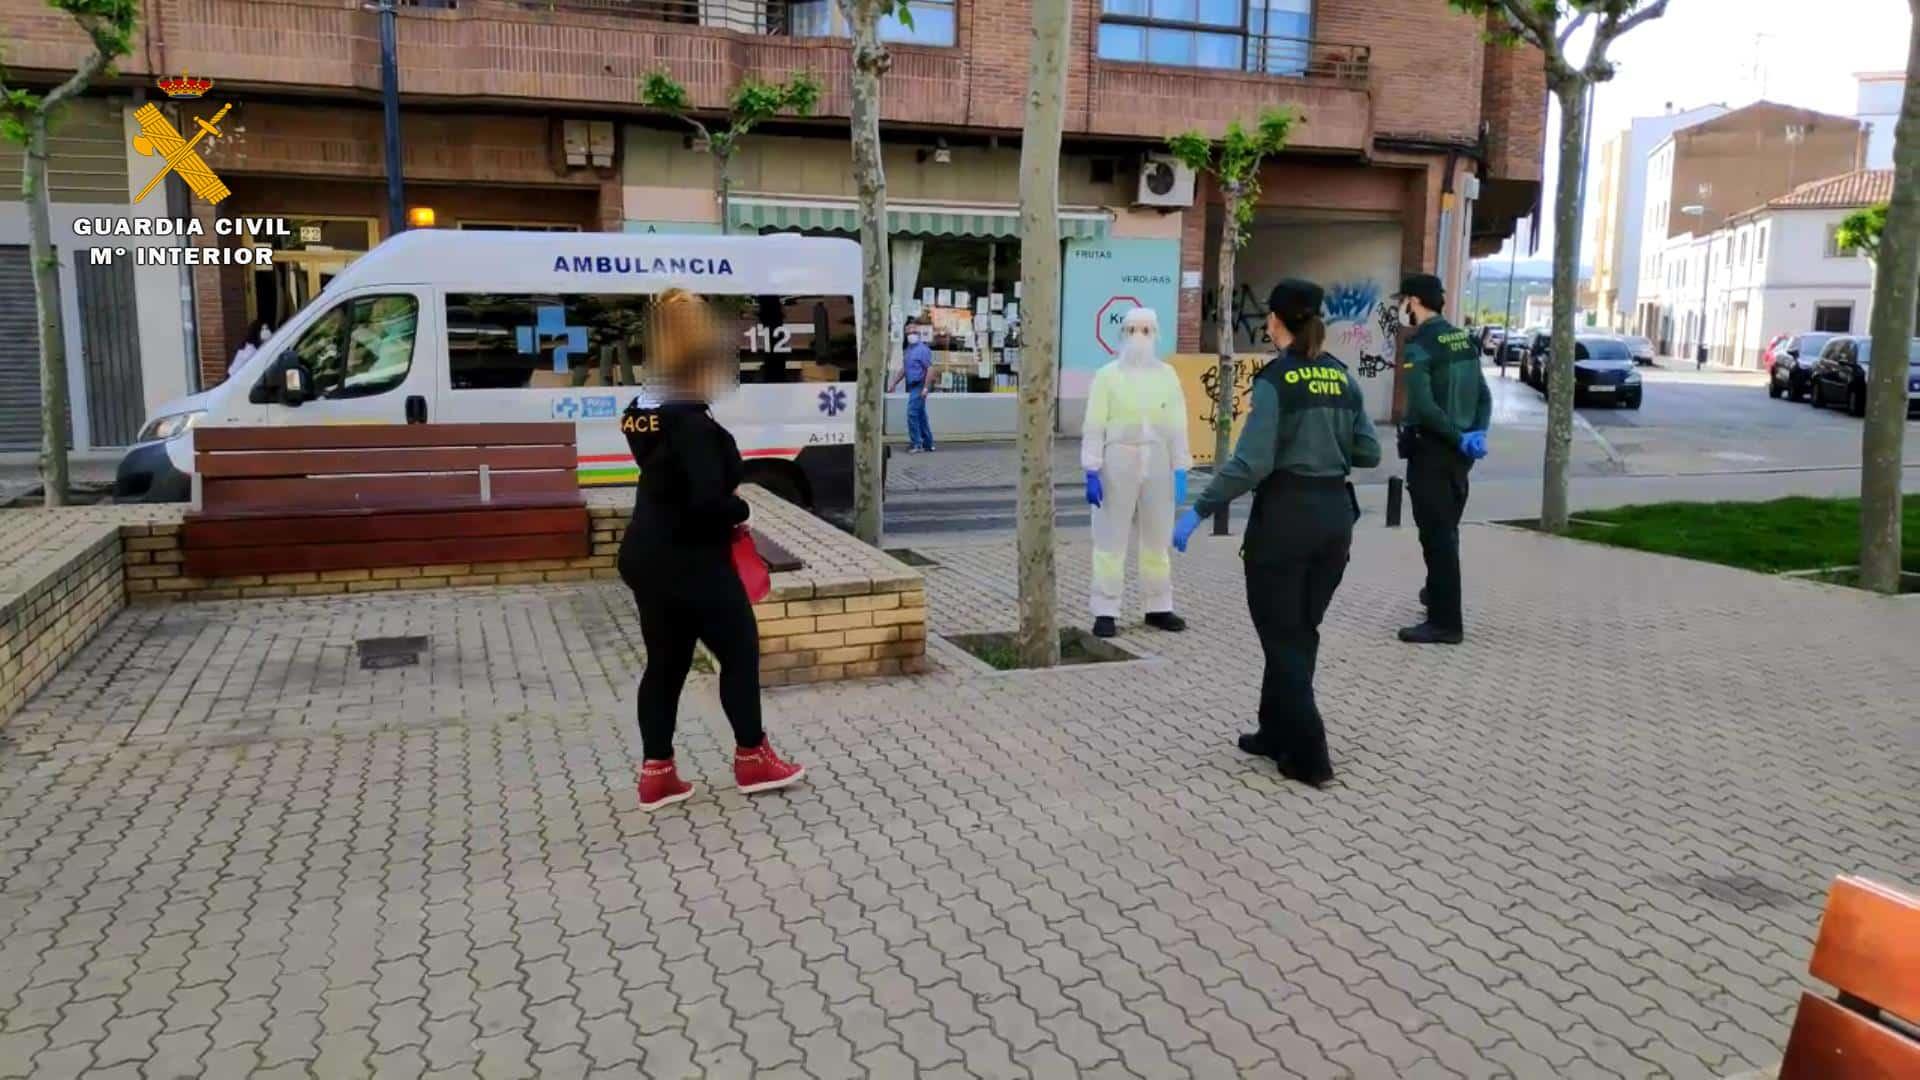 Una mujer con síntomas de coronavirus se fuga de un centro de salud en La Rioja 2